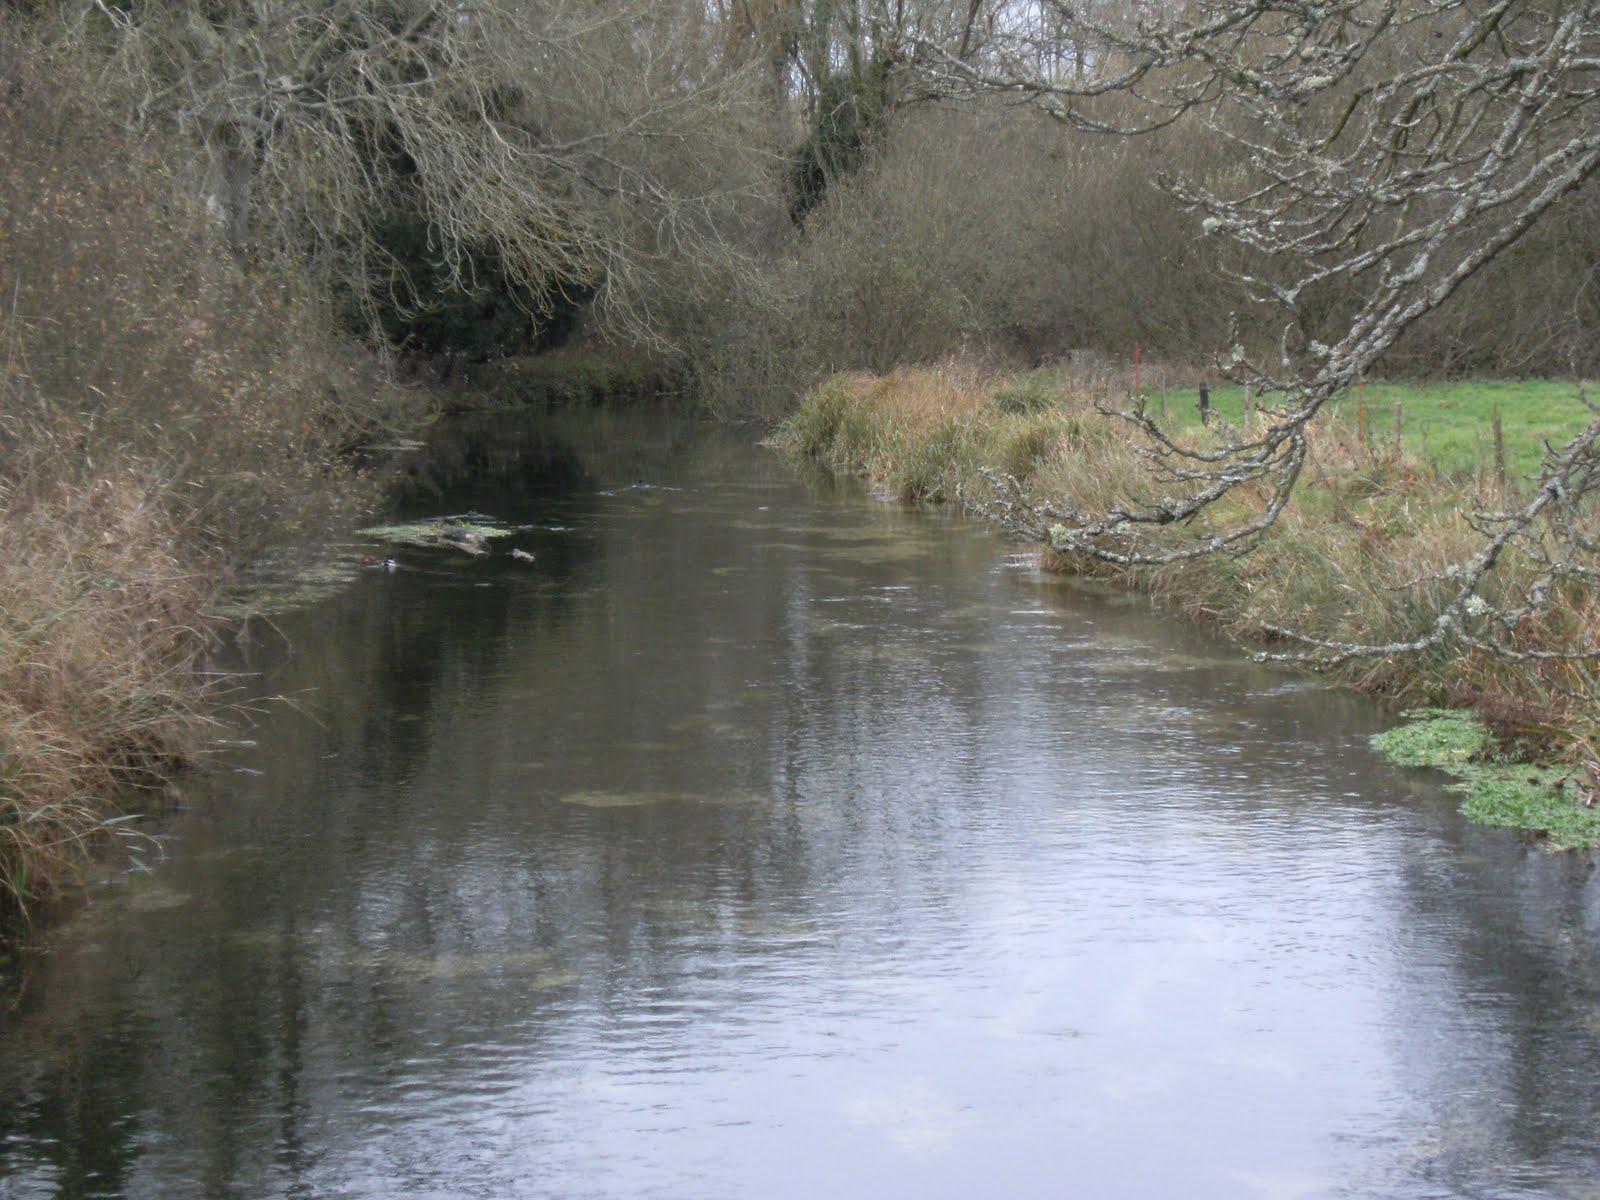 DSCF2717 River Test from Bere Mill bridge